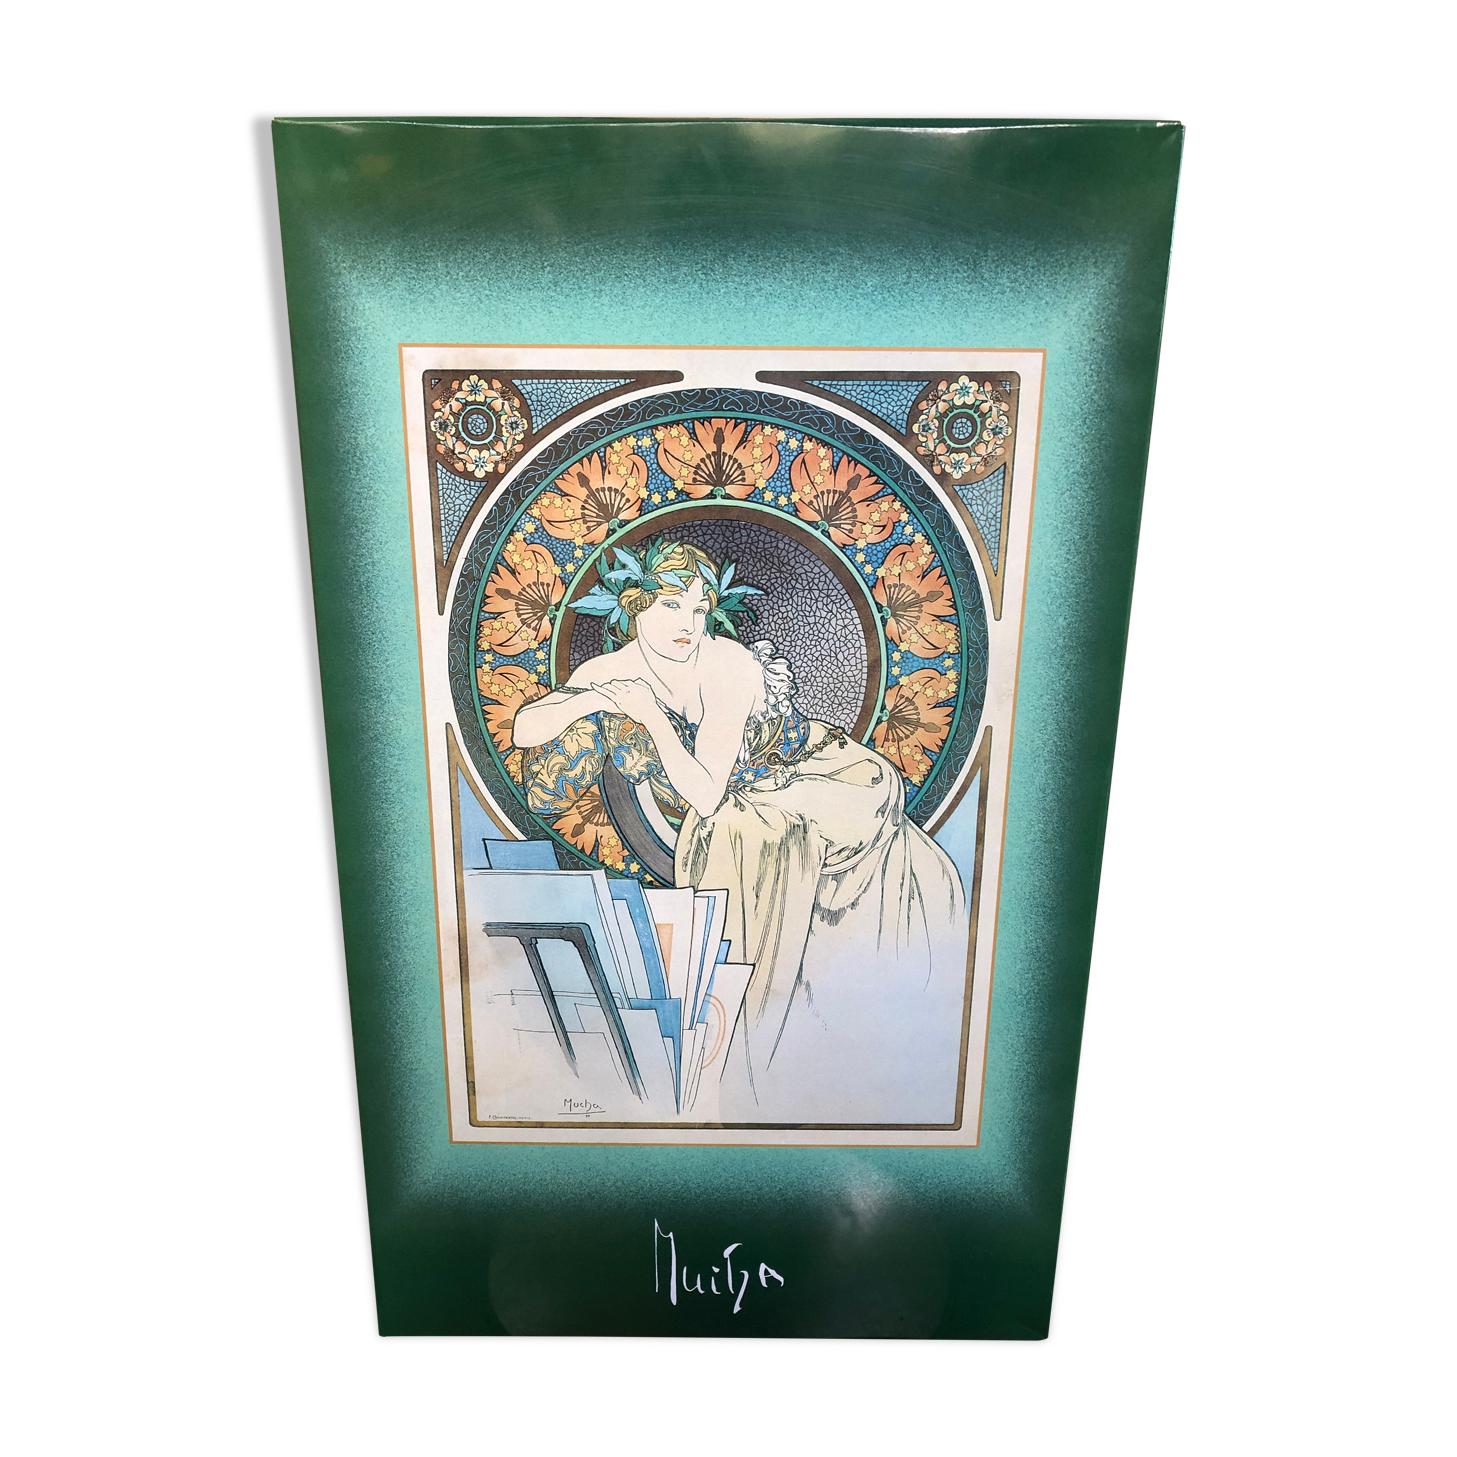 Ancienne plaque métal mucha les grands maîtres litho d'art décoration vintage